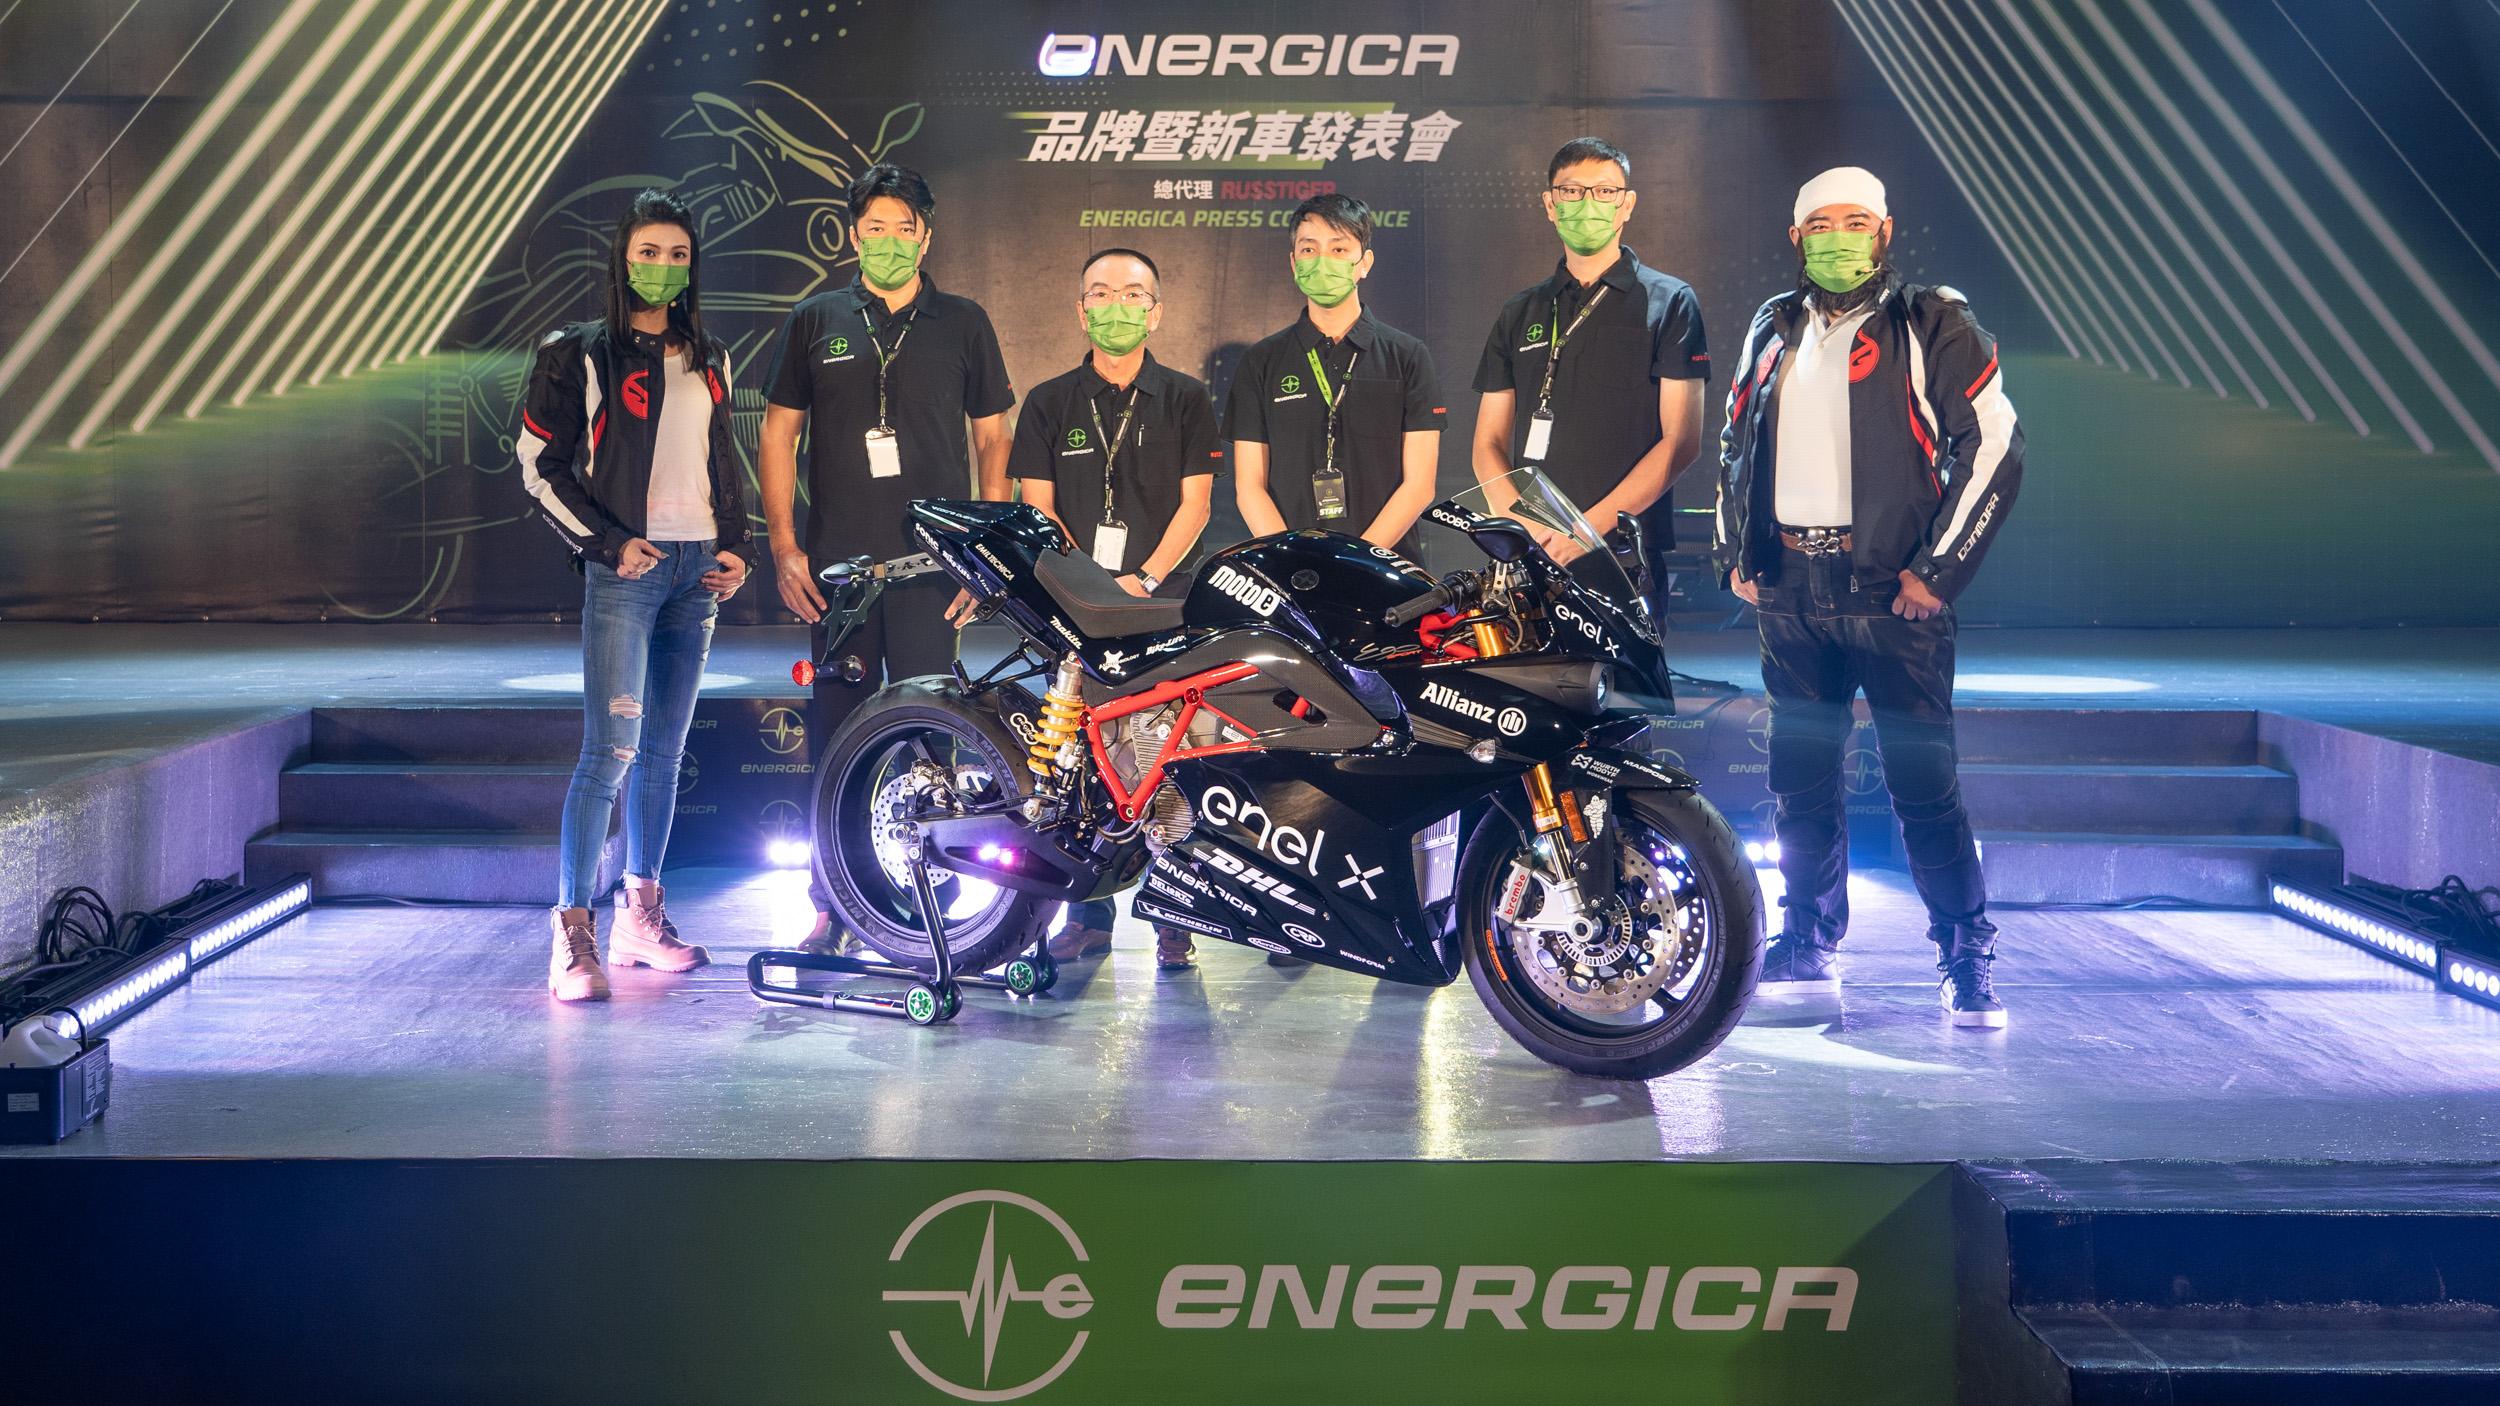 義大利電動重機 Energica 在台上市!三車型同步推出,售價 126.8 萬元起